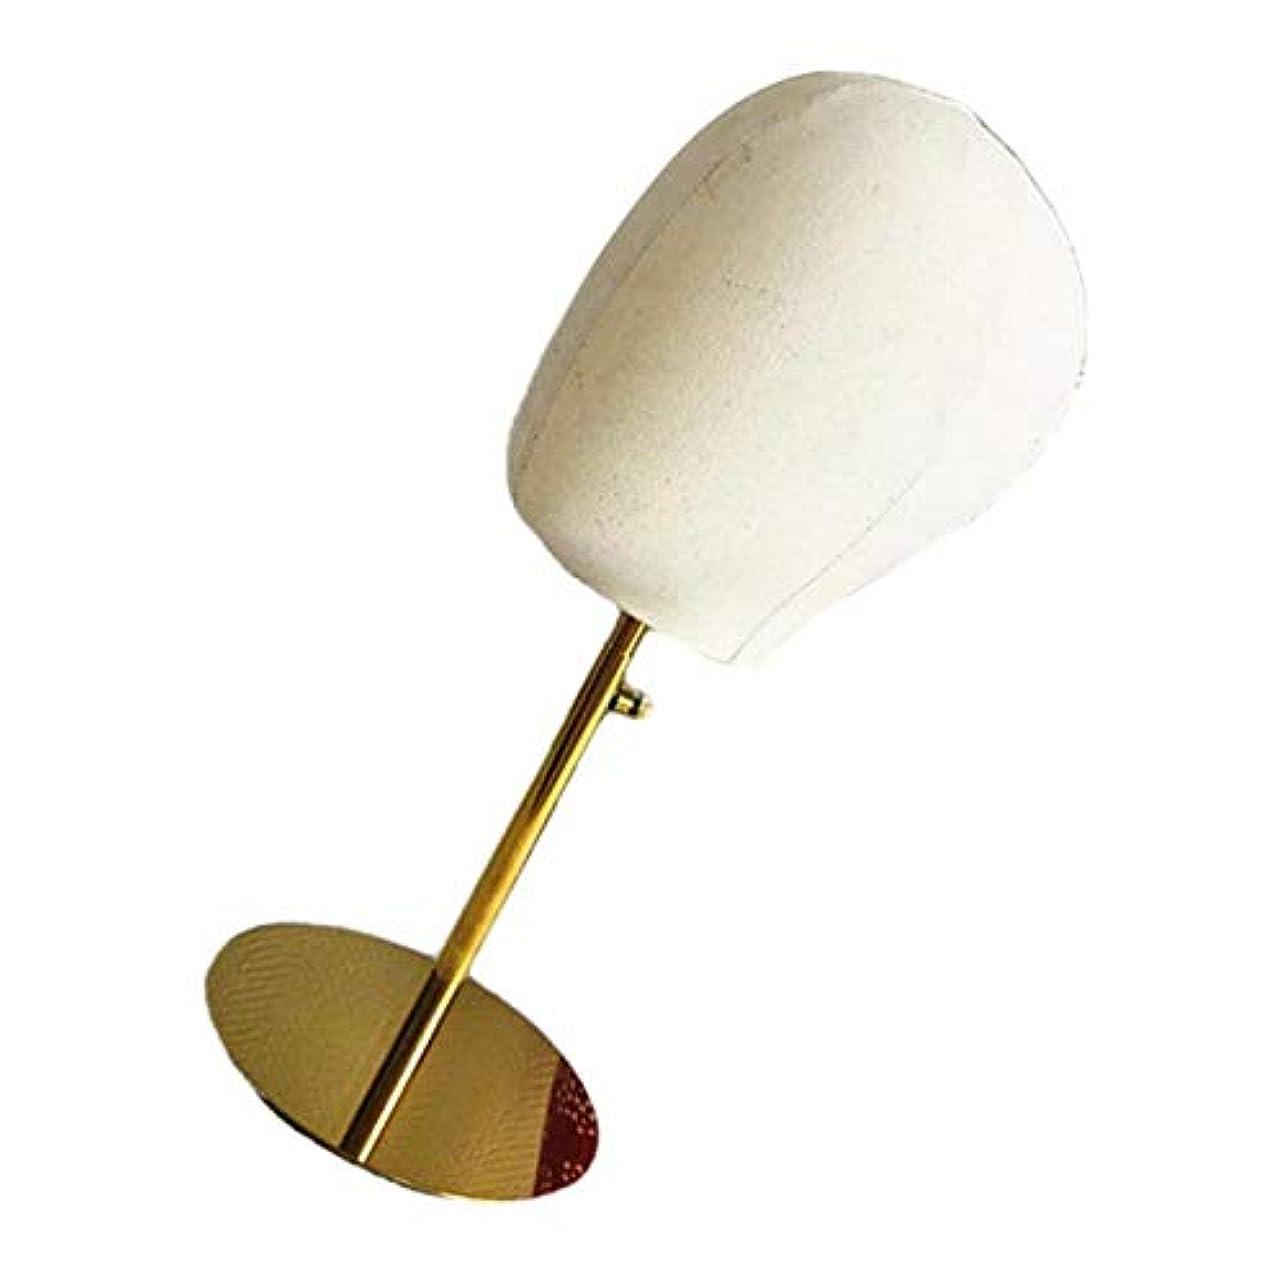 かるうなり声透けて見えるSM SunniMix ウィッグ スタンド マネキンヘッド ヘッドモデル 調整可能な かつら 帽子 ディスプレイ 全2種 - 2